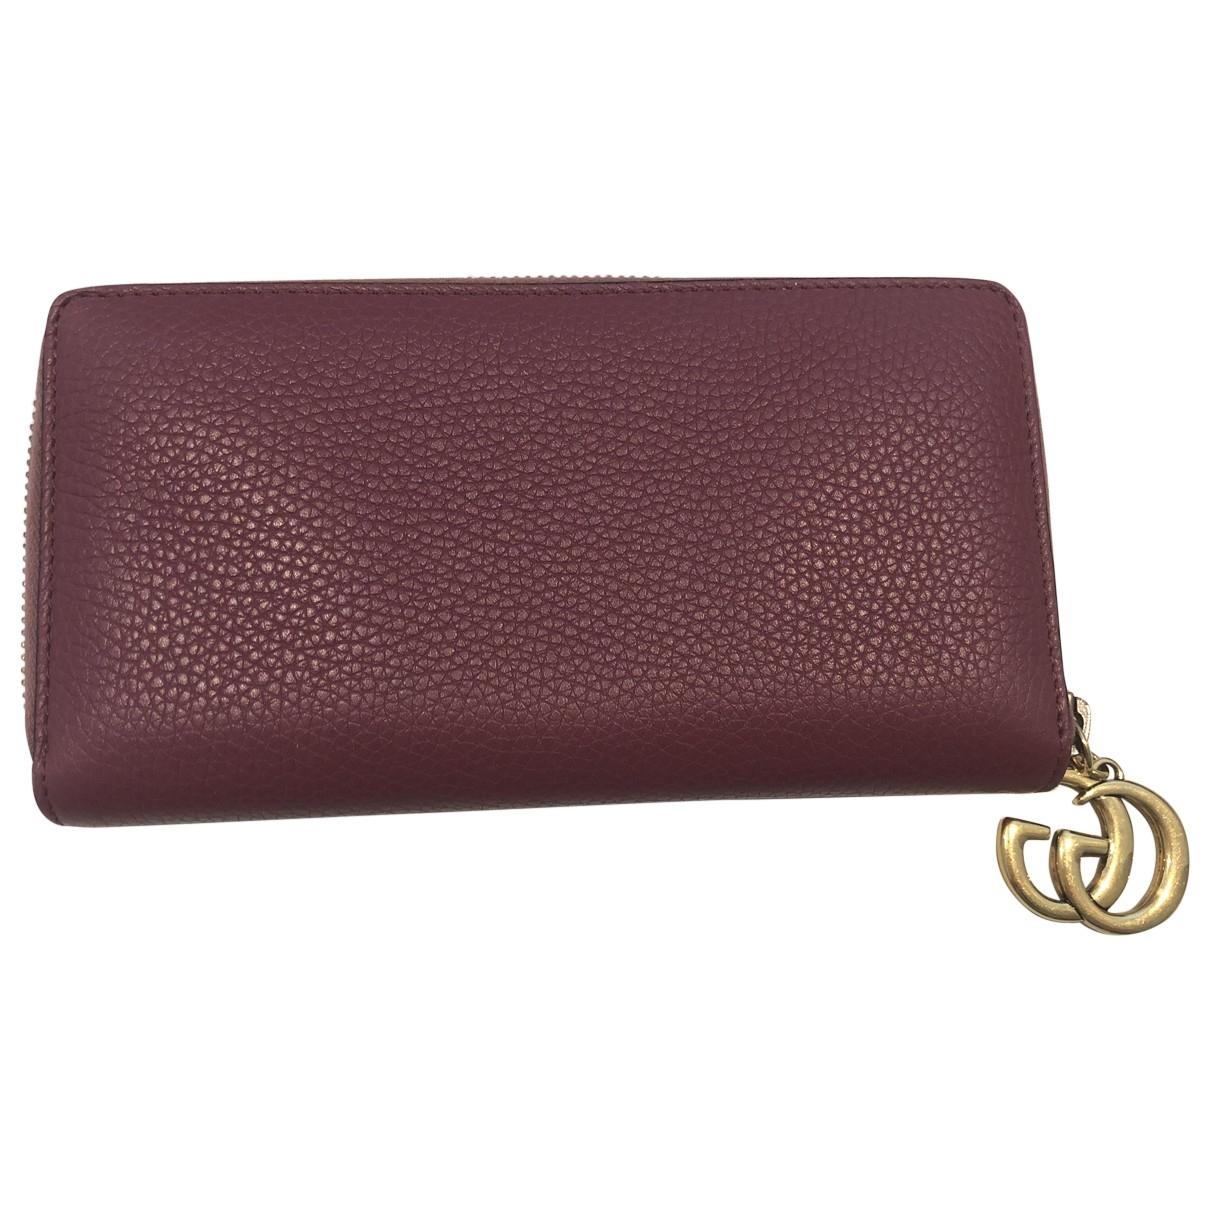 Gucci - Portefeuille Marmont pour femme en cuir - violet